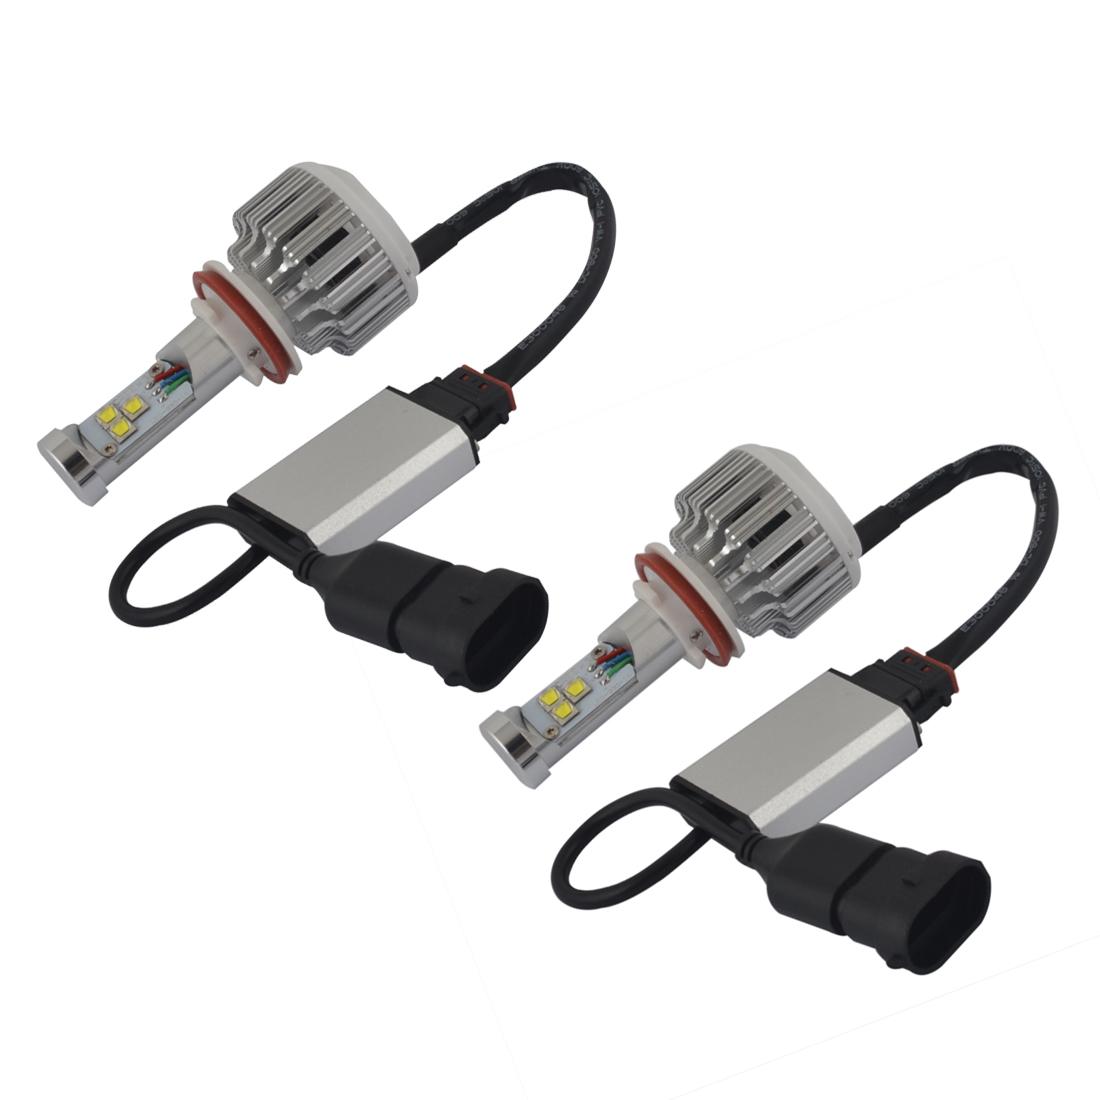 2 Pcs H11 12V 35W 6000K White 3 SMD LED Headlight Bulbs Fog Light Lamp for Car